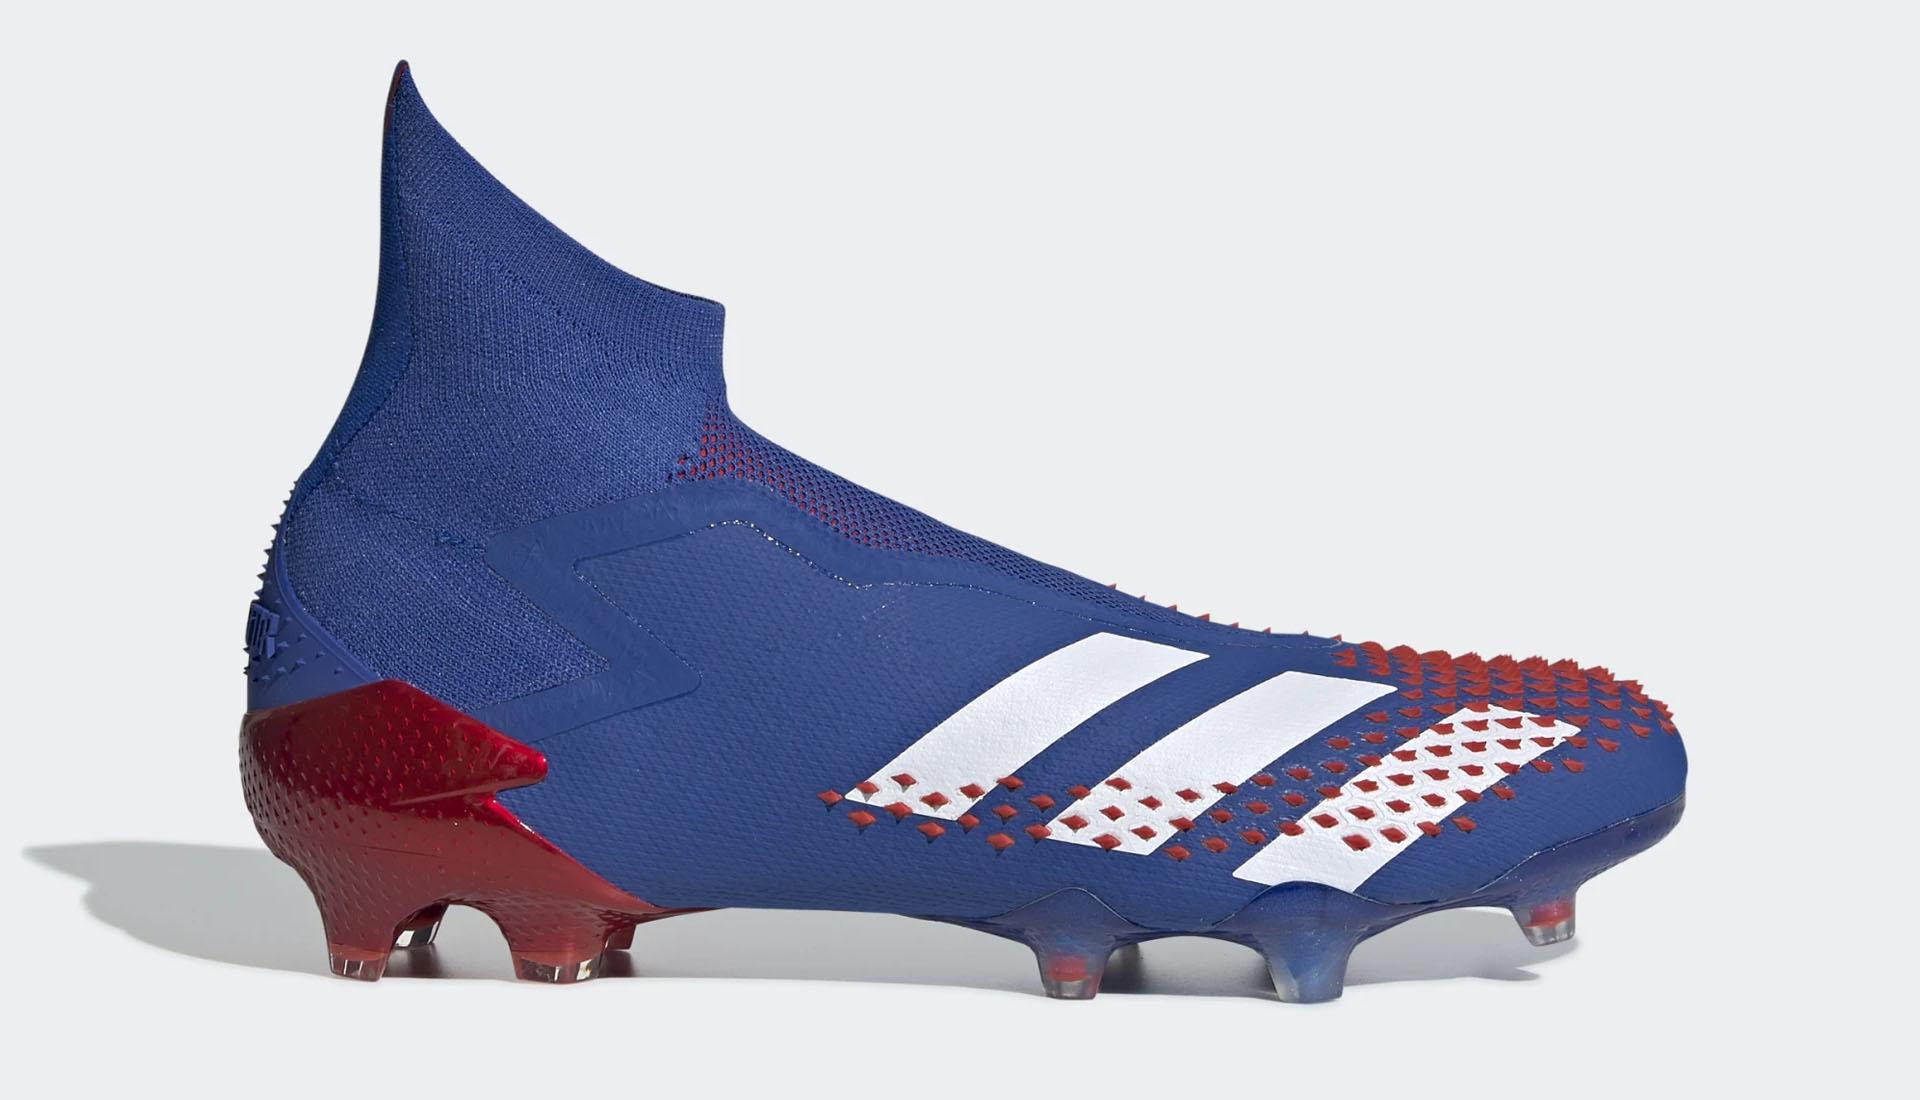 Phiên bản giày bóng đá Adidas Predator 20+ không dây Top-End được sử dụng bởi các cầu thủ chuyên nghiệp